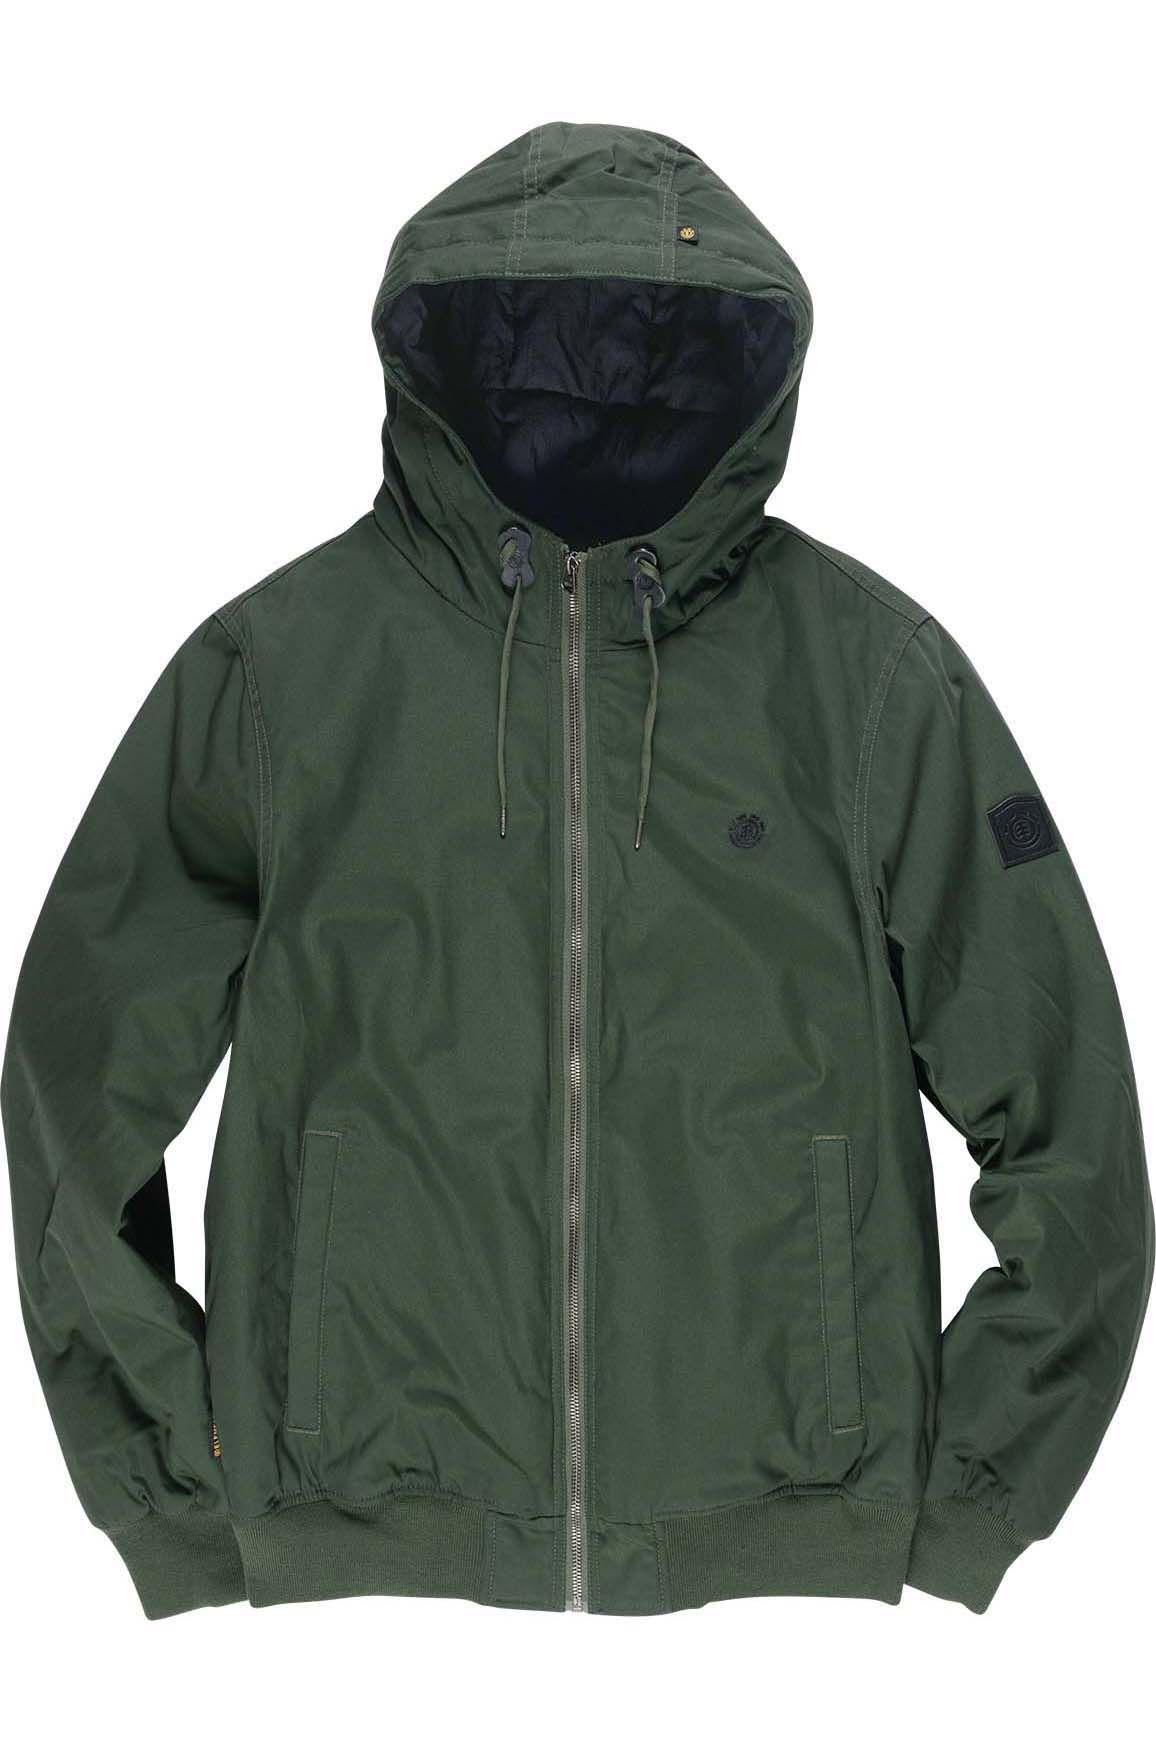 Element Jacket DULCEY WOLFEBORO Olive Drab